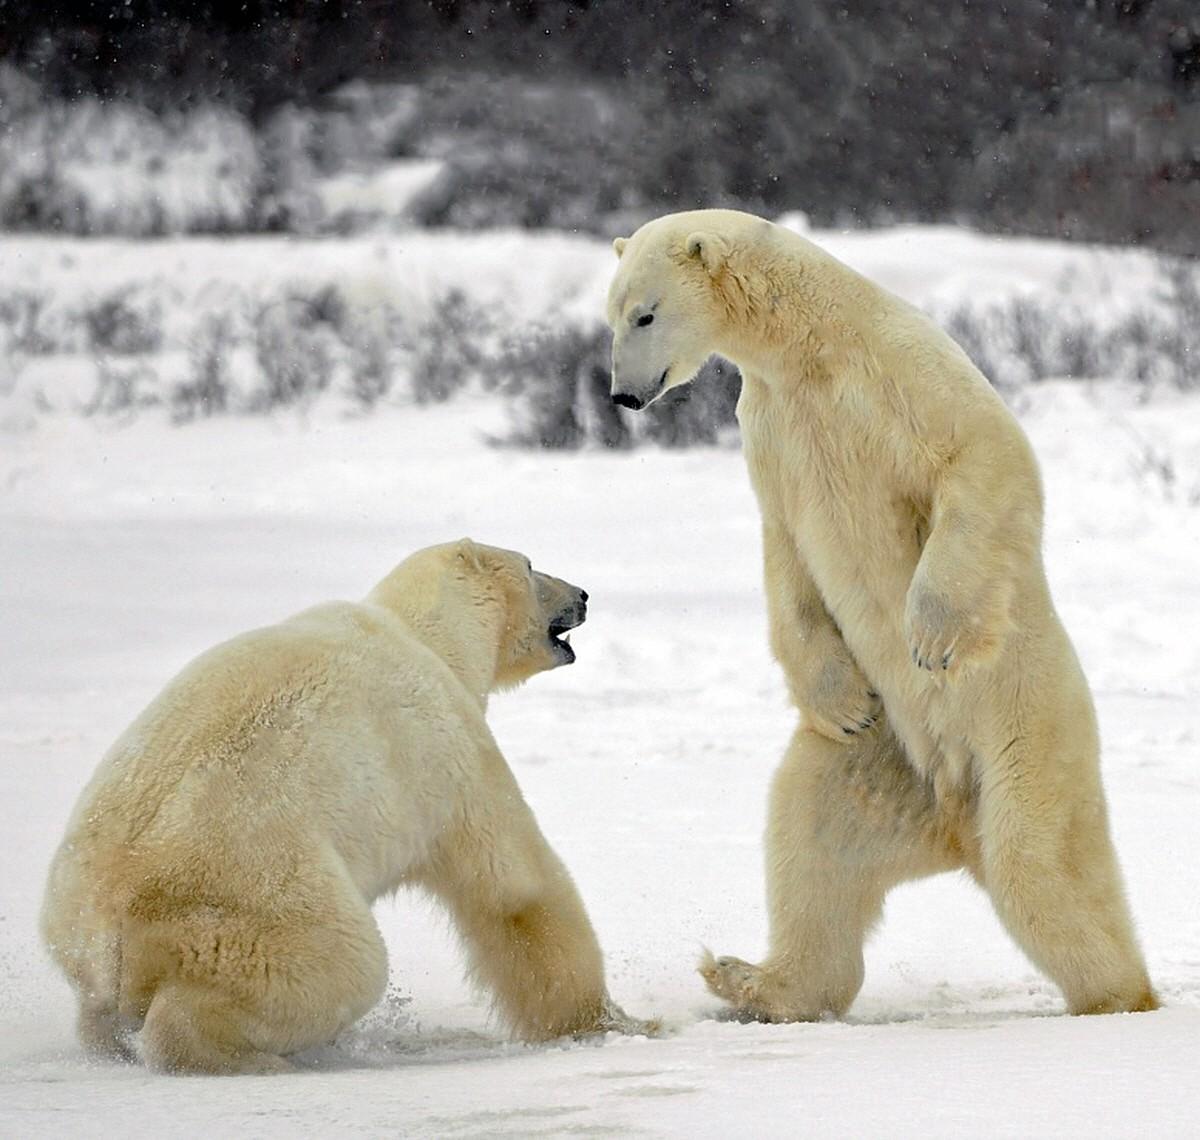 http://02varvara.files.wordpress.com/2012/08/00a-russian-polar-bear-fight-08-12.jpg